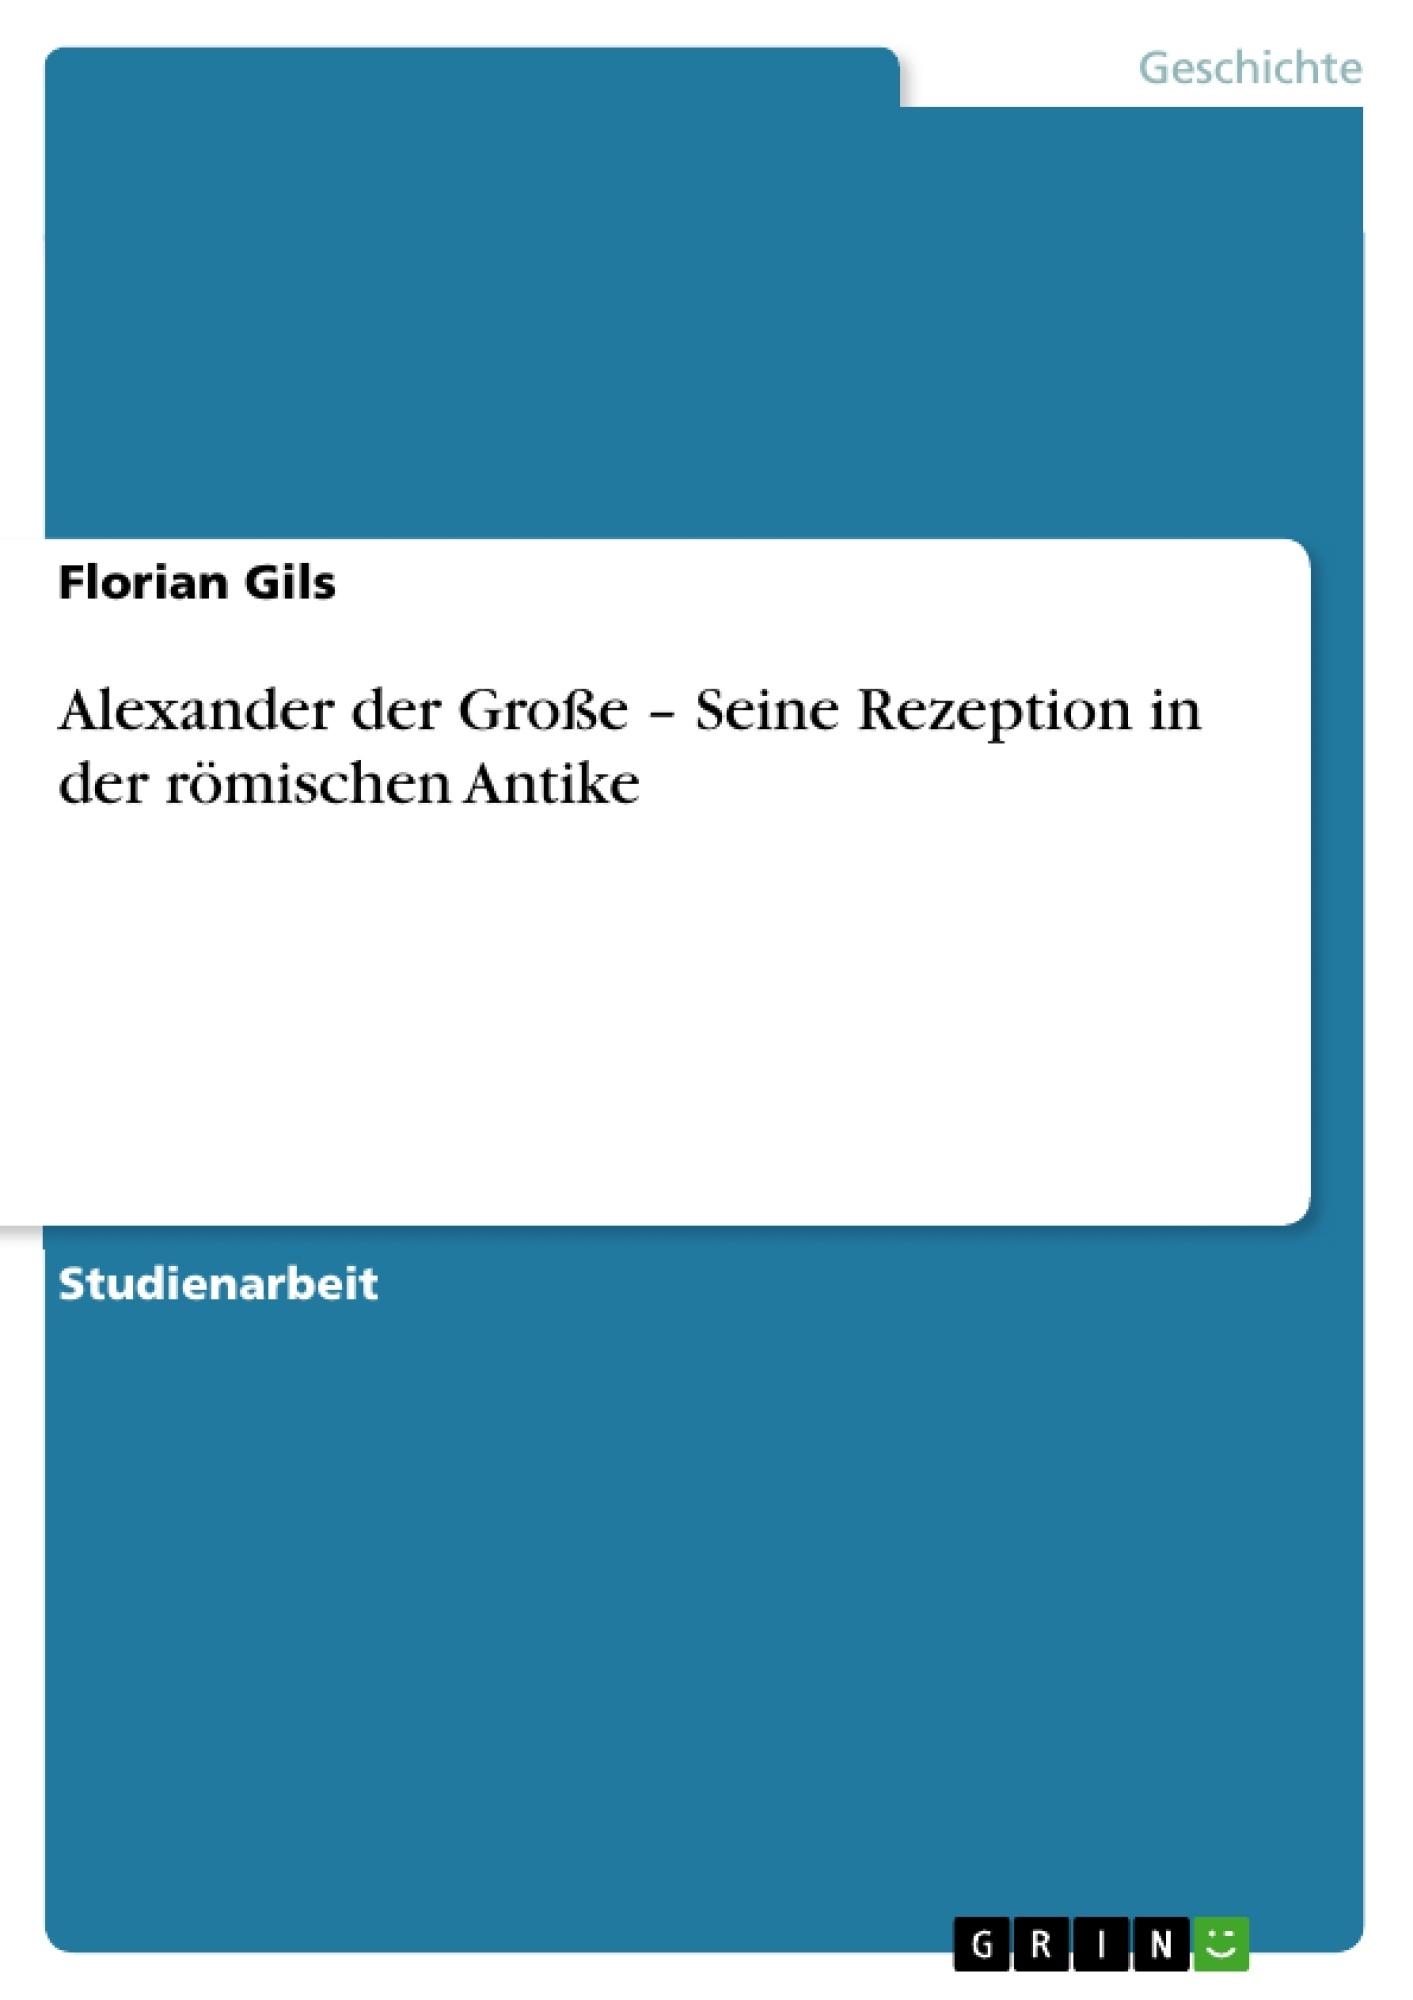 Titel: Alexander der Große – Seine Rezeption in der römischen Antike